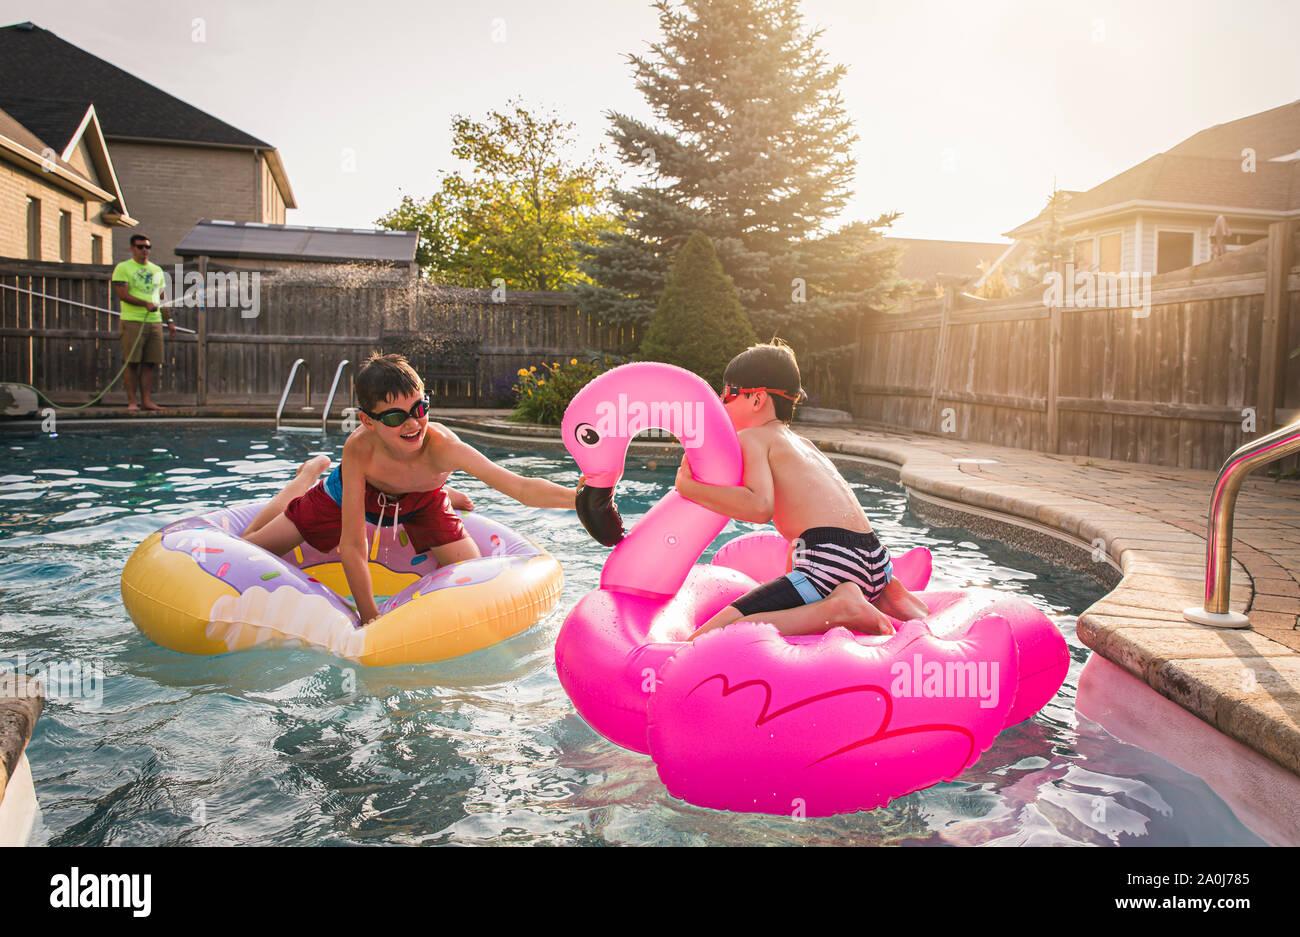 Deux garçons jouant dans une piscine sur piscine gonflable jouets. Banque D'Images